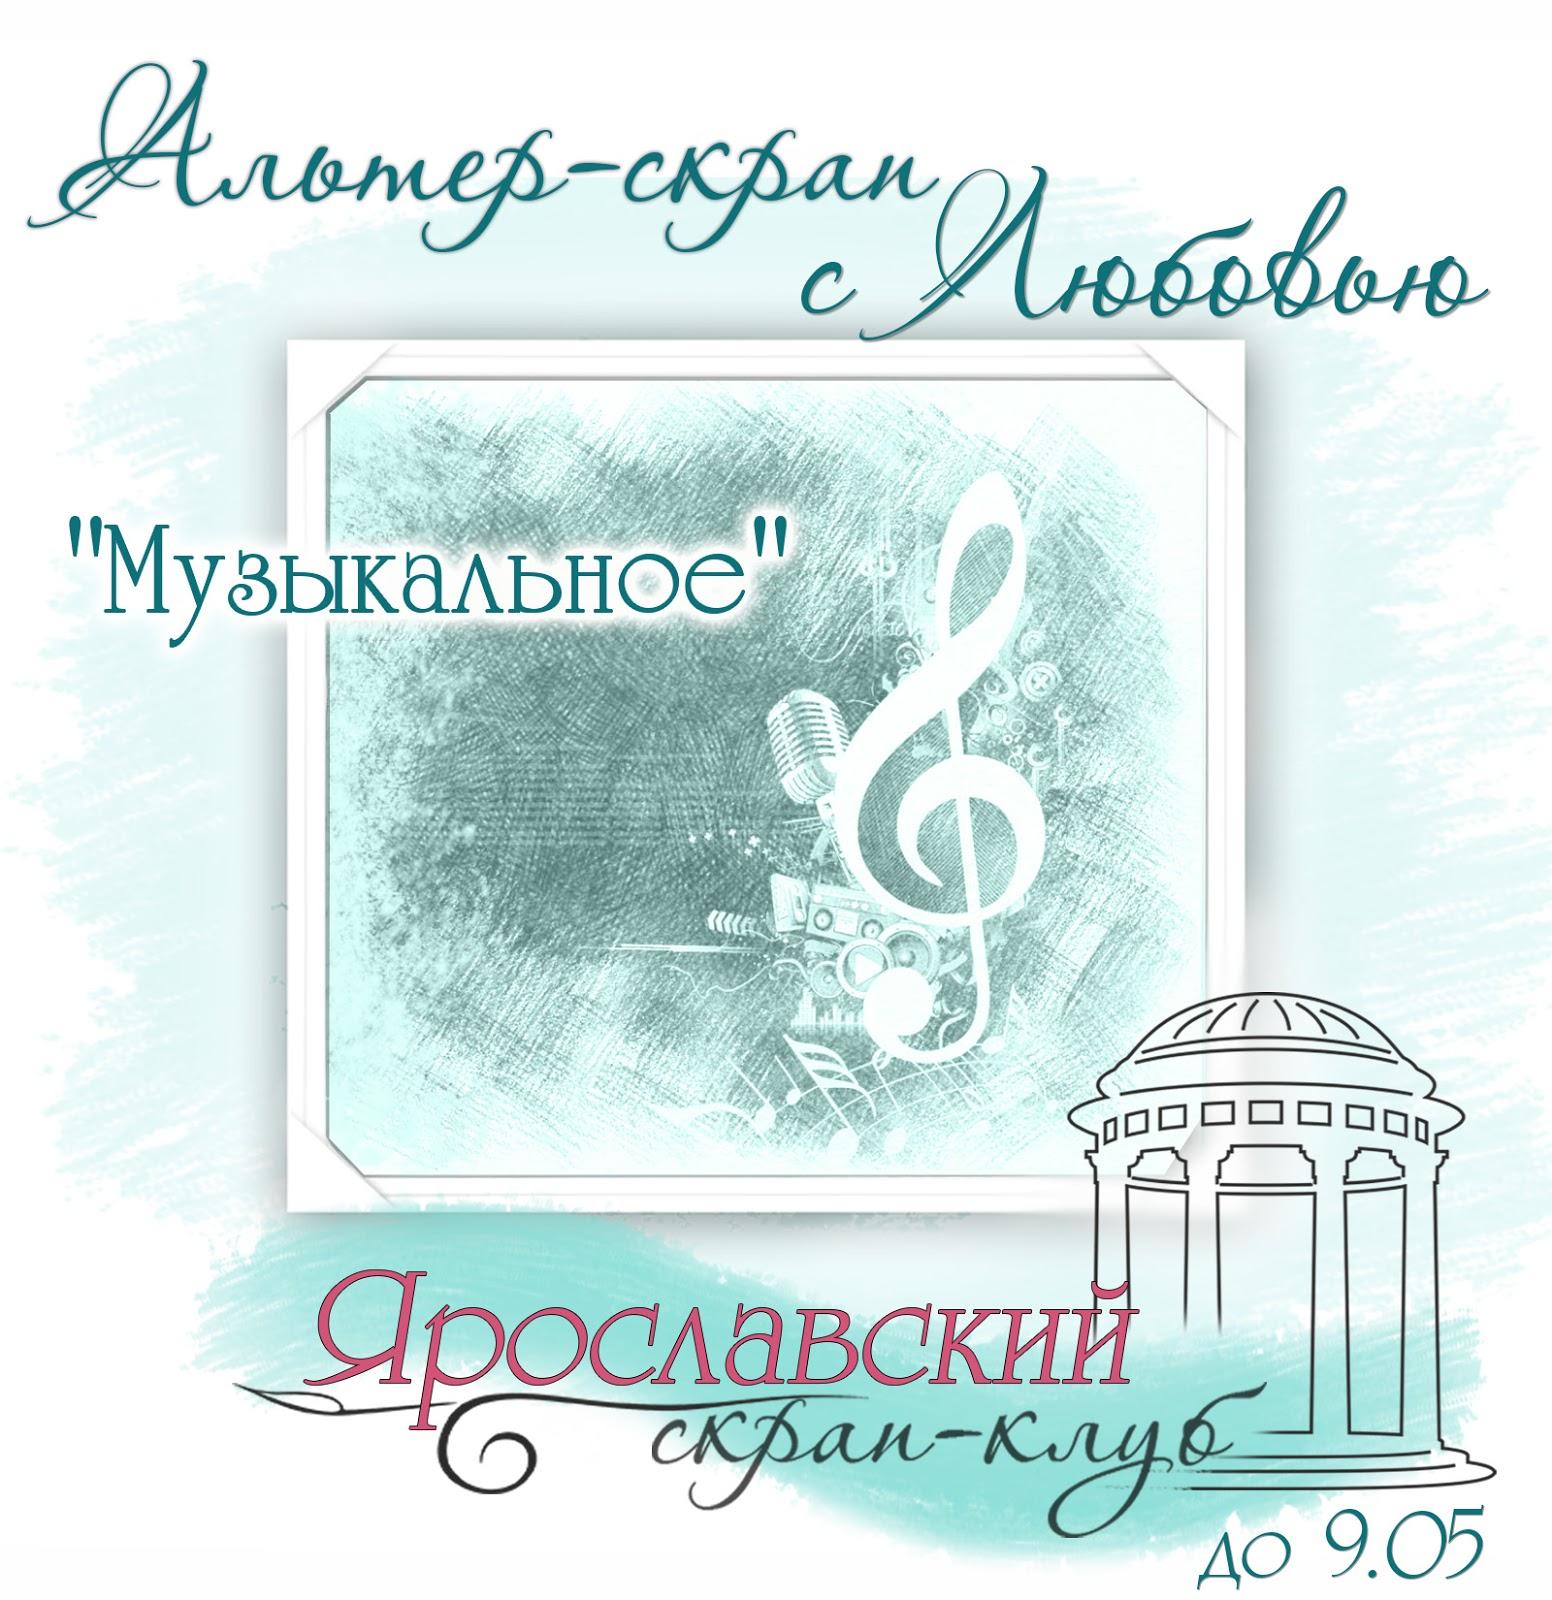 """""""Музыкальное"""" до 09.05.18"""